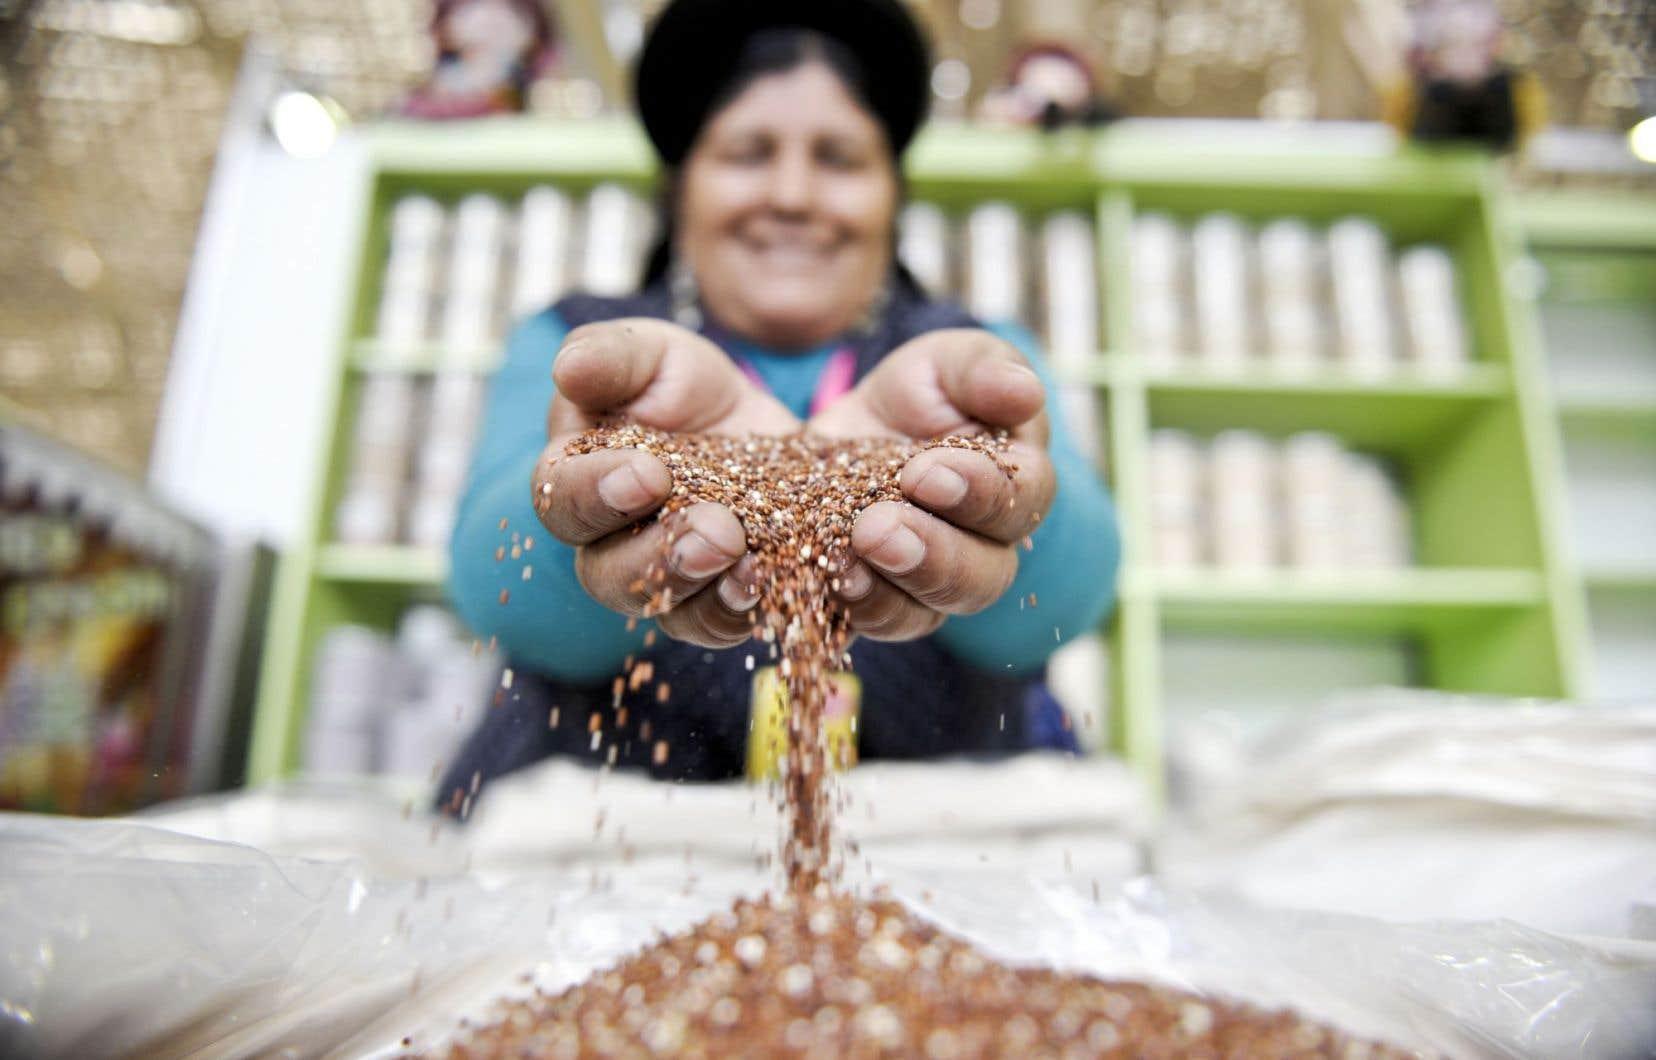 Le quinoa est devenu l'un des emblèmes culinaires du Pérou.